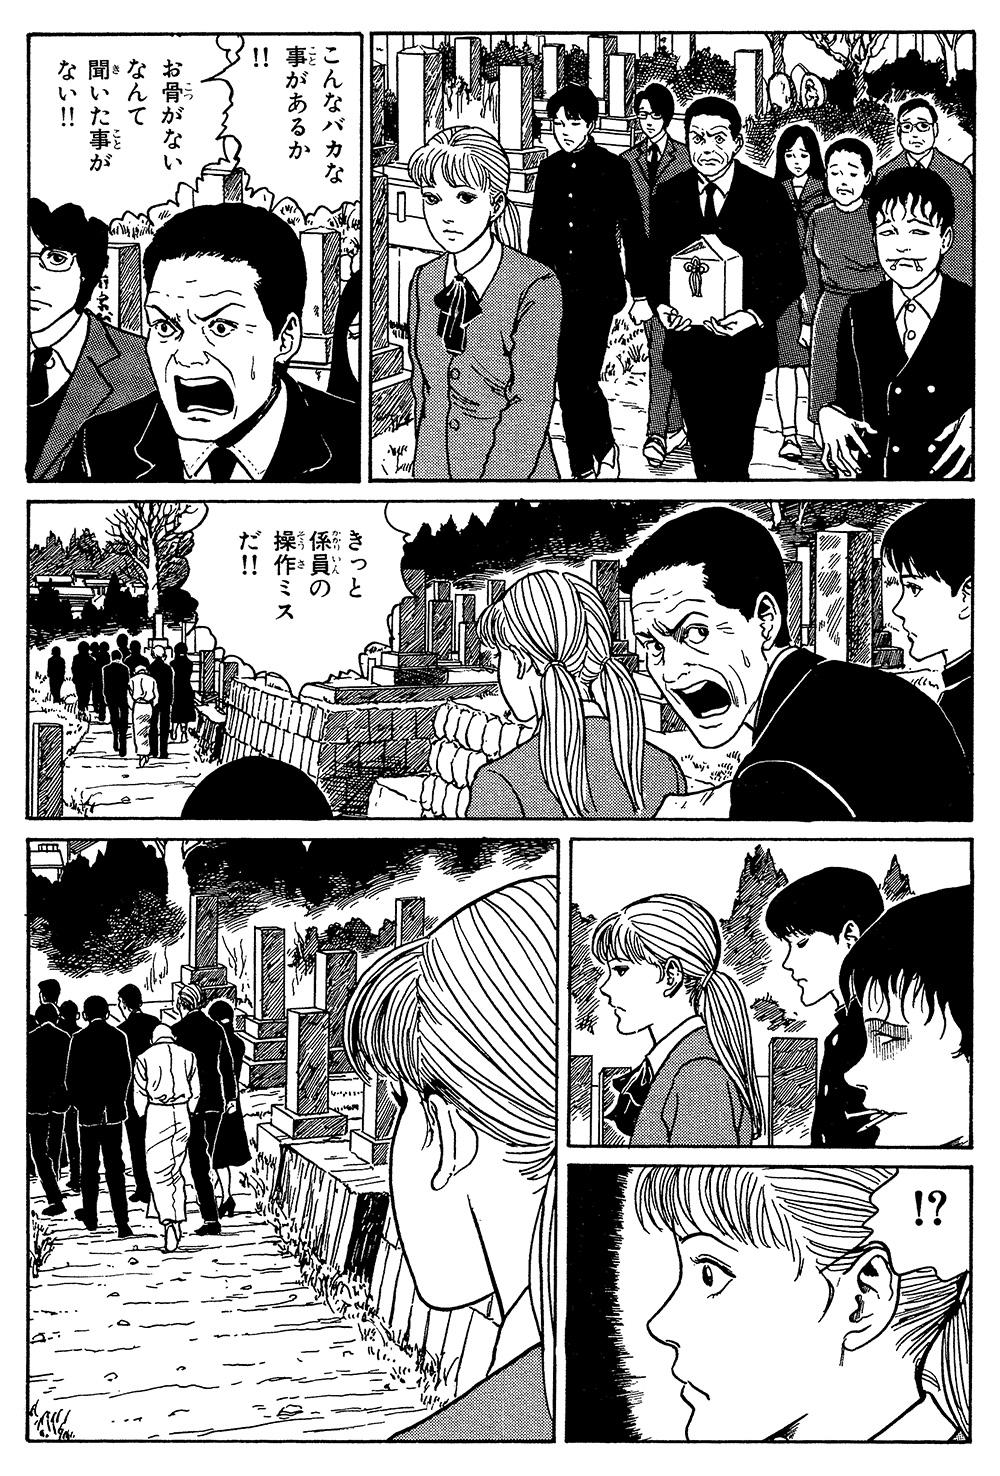 伊藤潤二傑作集「棺桶」①kanoke02-12.jpg